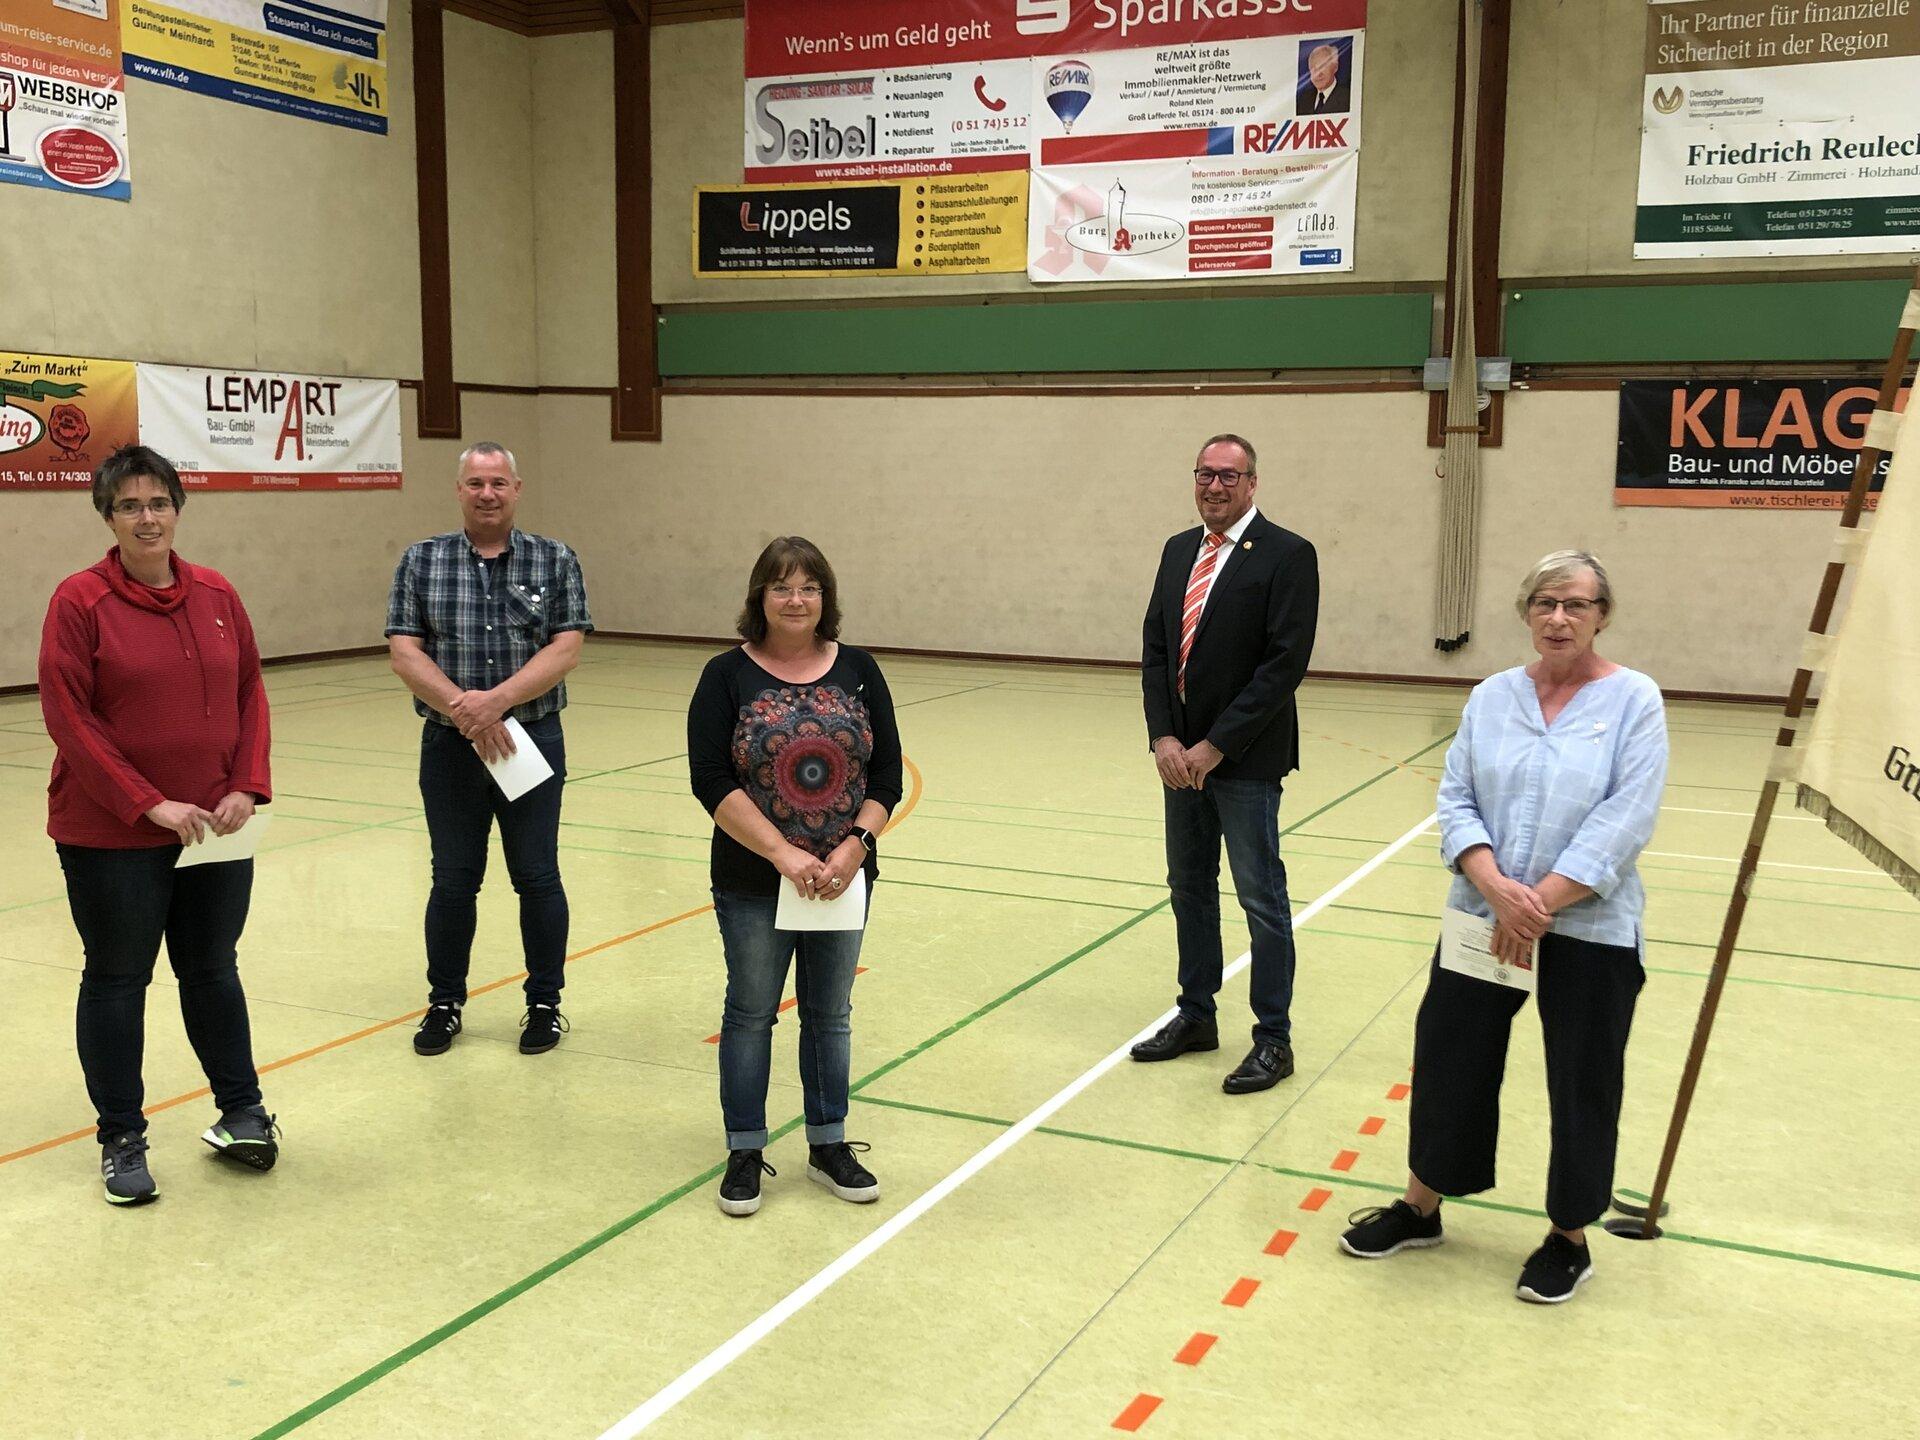 Vereinsnadel in Silber (40 Jahre Mitgliedschaft): Nicole Kohlhase, Stefan Kretzschmar, Anke Brinsa, Andreas Winkler, Marion Priebe (v.l.)